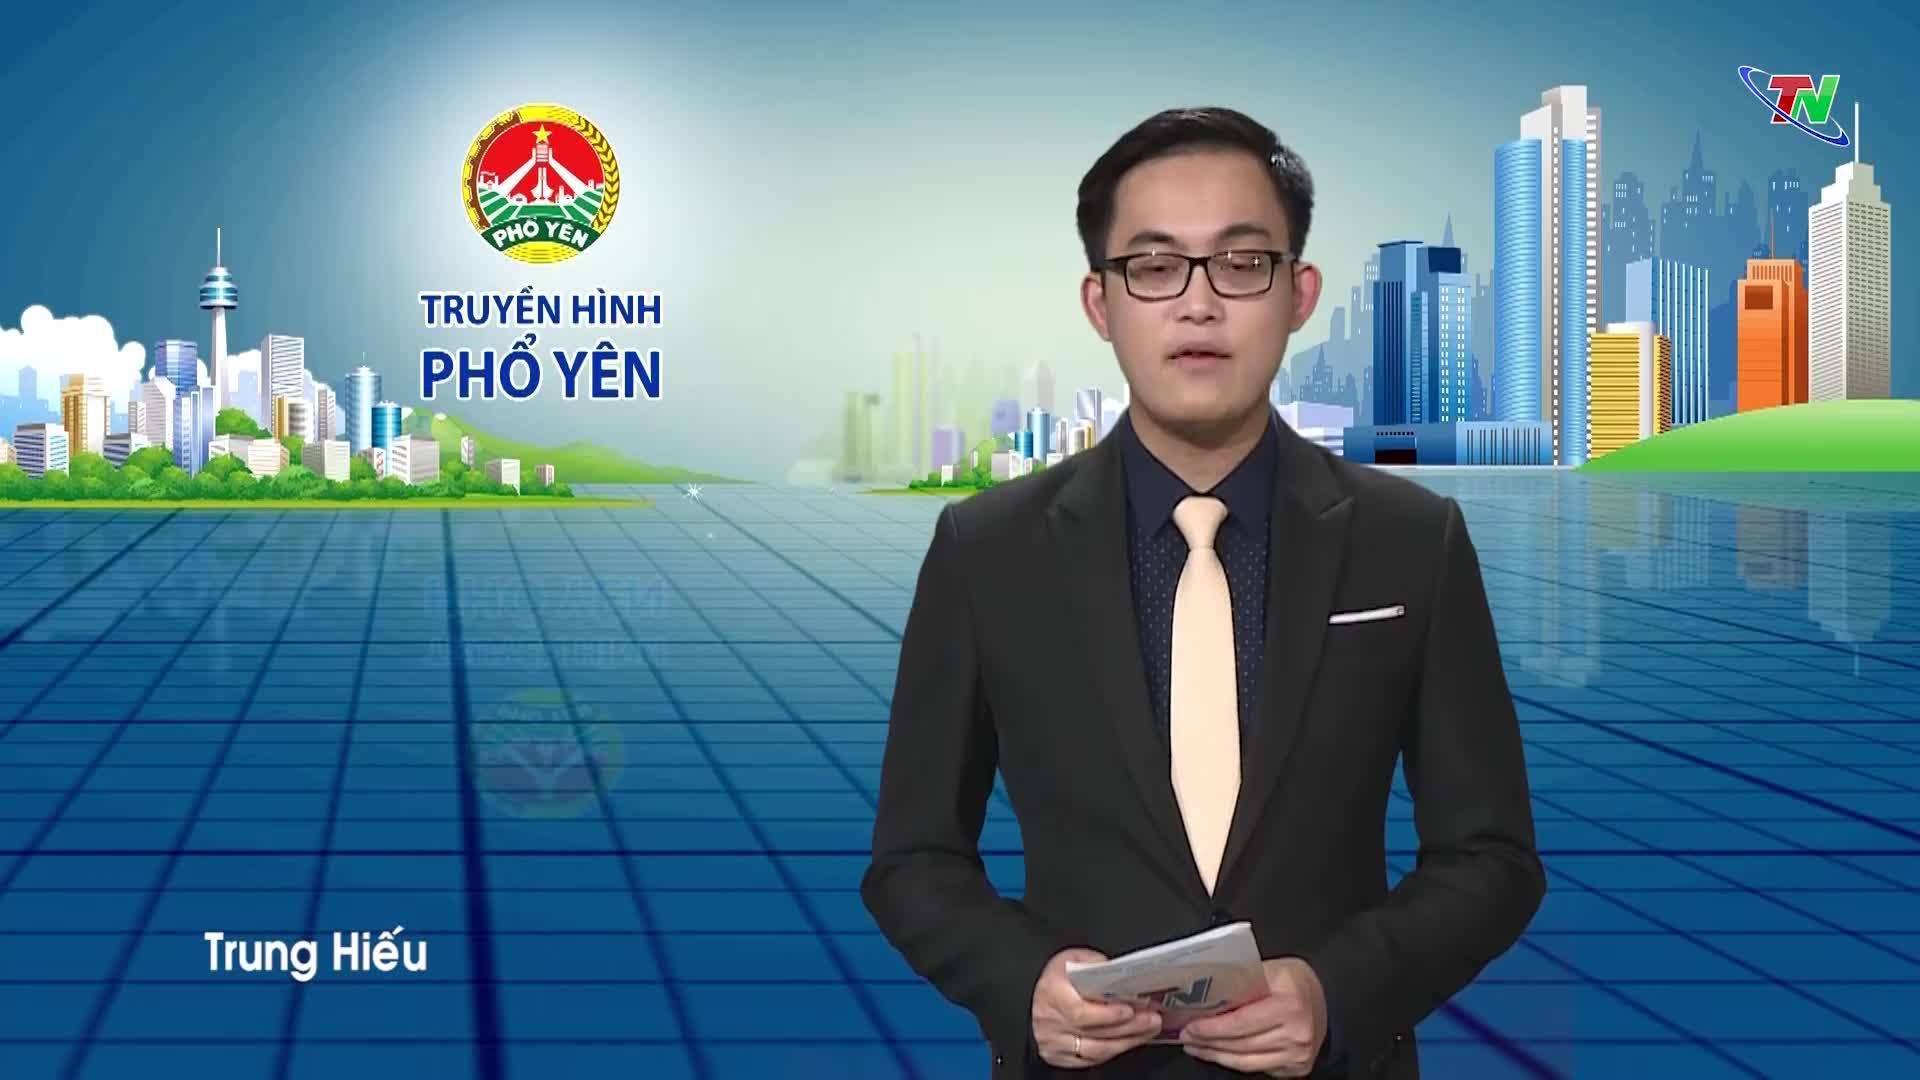 Truyền hình Phổ Yên ngày 21/4/2020